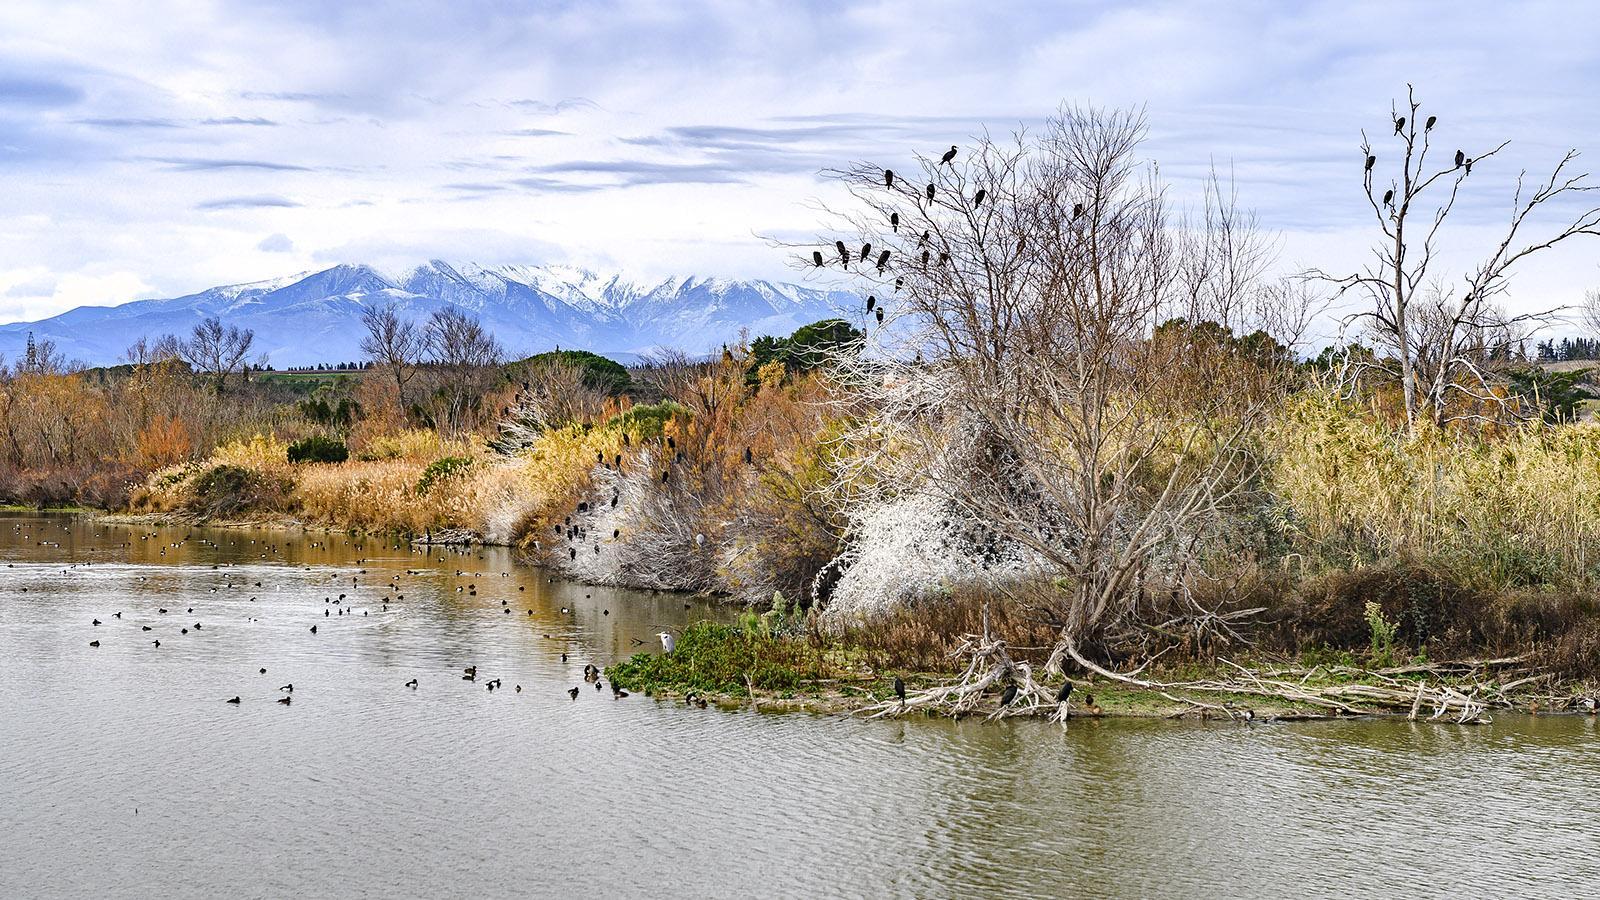 Lac de la Raho: das Naturschutzgebiet des Stausees mit Blick auf die Pyrenäen. Foto: Hilke Maunder